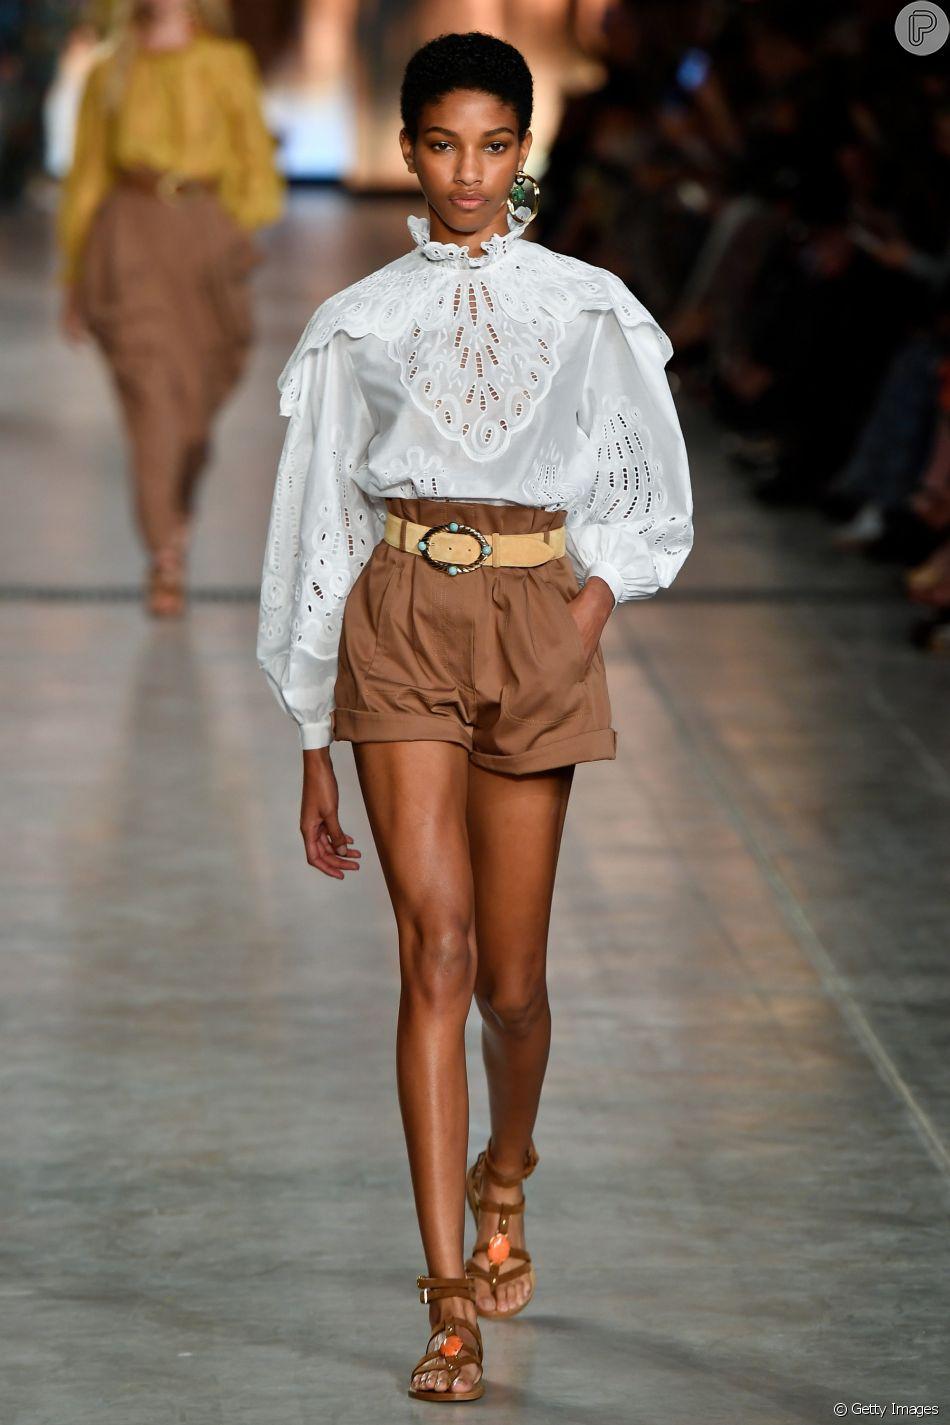 A blusa com mangas bufantes voltou a ser tendência e combina com um look romântico e boho para o fim de semana. Essa é da grife Alberta Ferretti, que desfilou em Milão